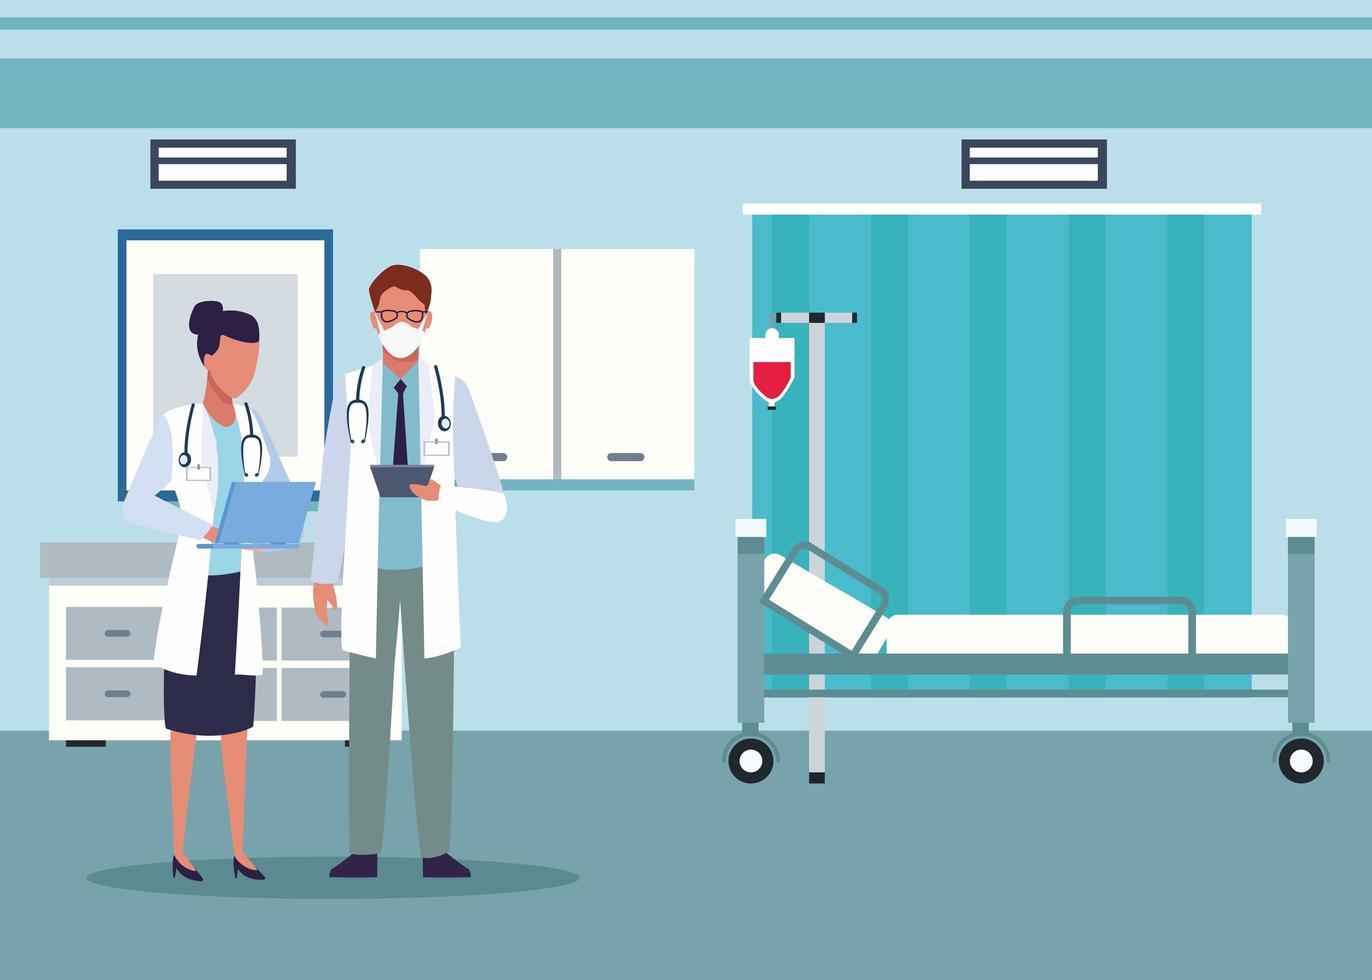 médecin de sexe masculin et féminin dans la chambre d'hôpital vecteur